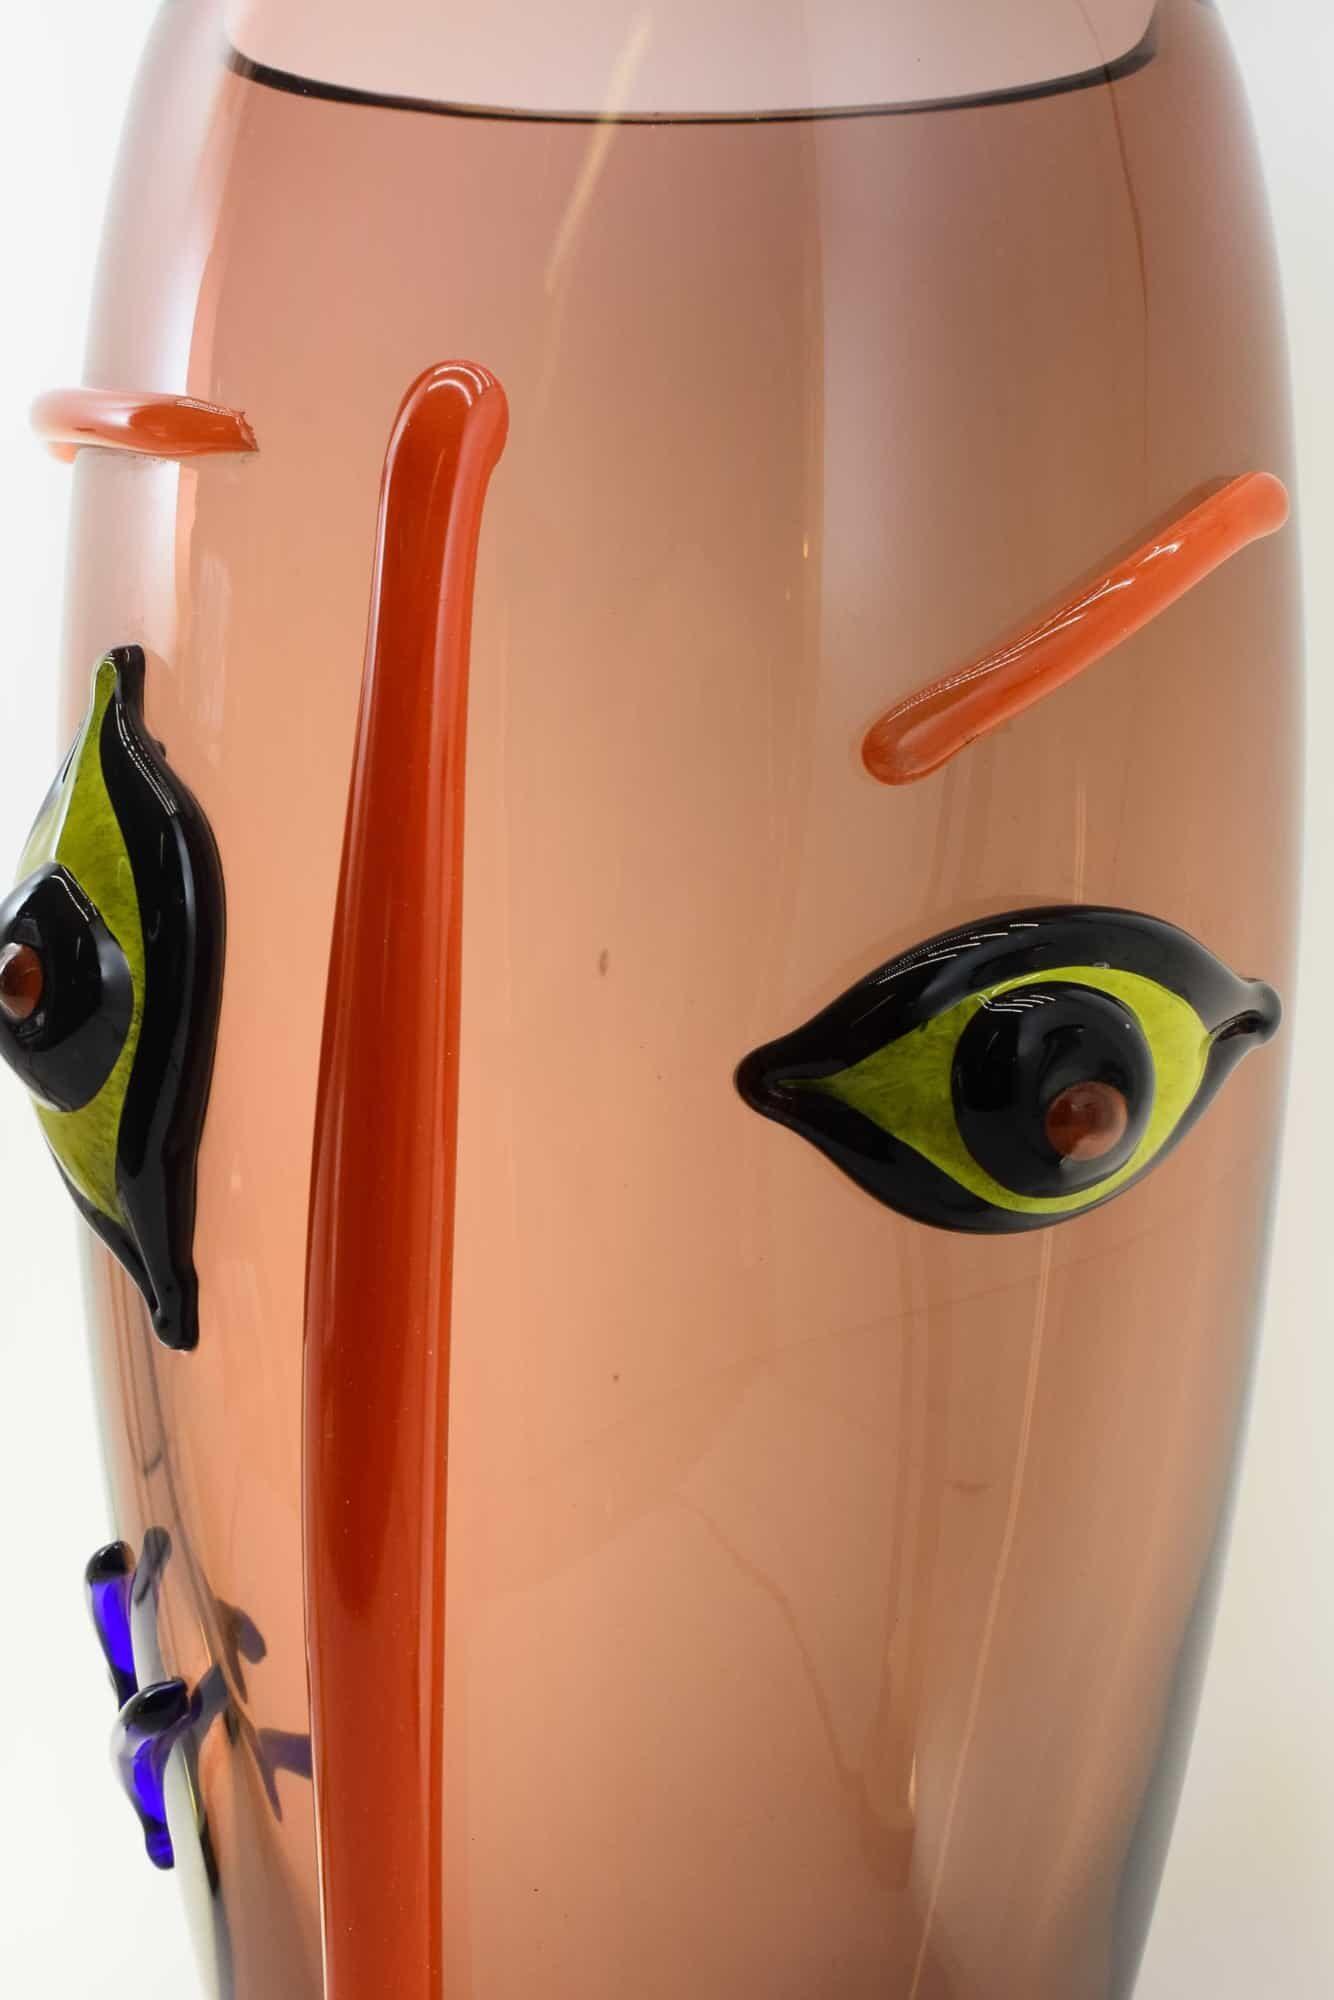 Picasso-Vase aus Muranoglas - (Art. 36397)